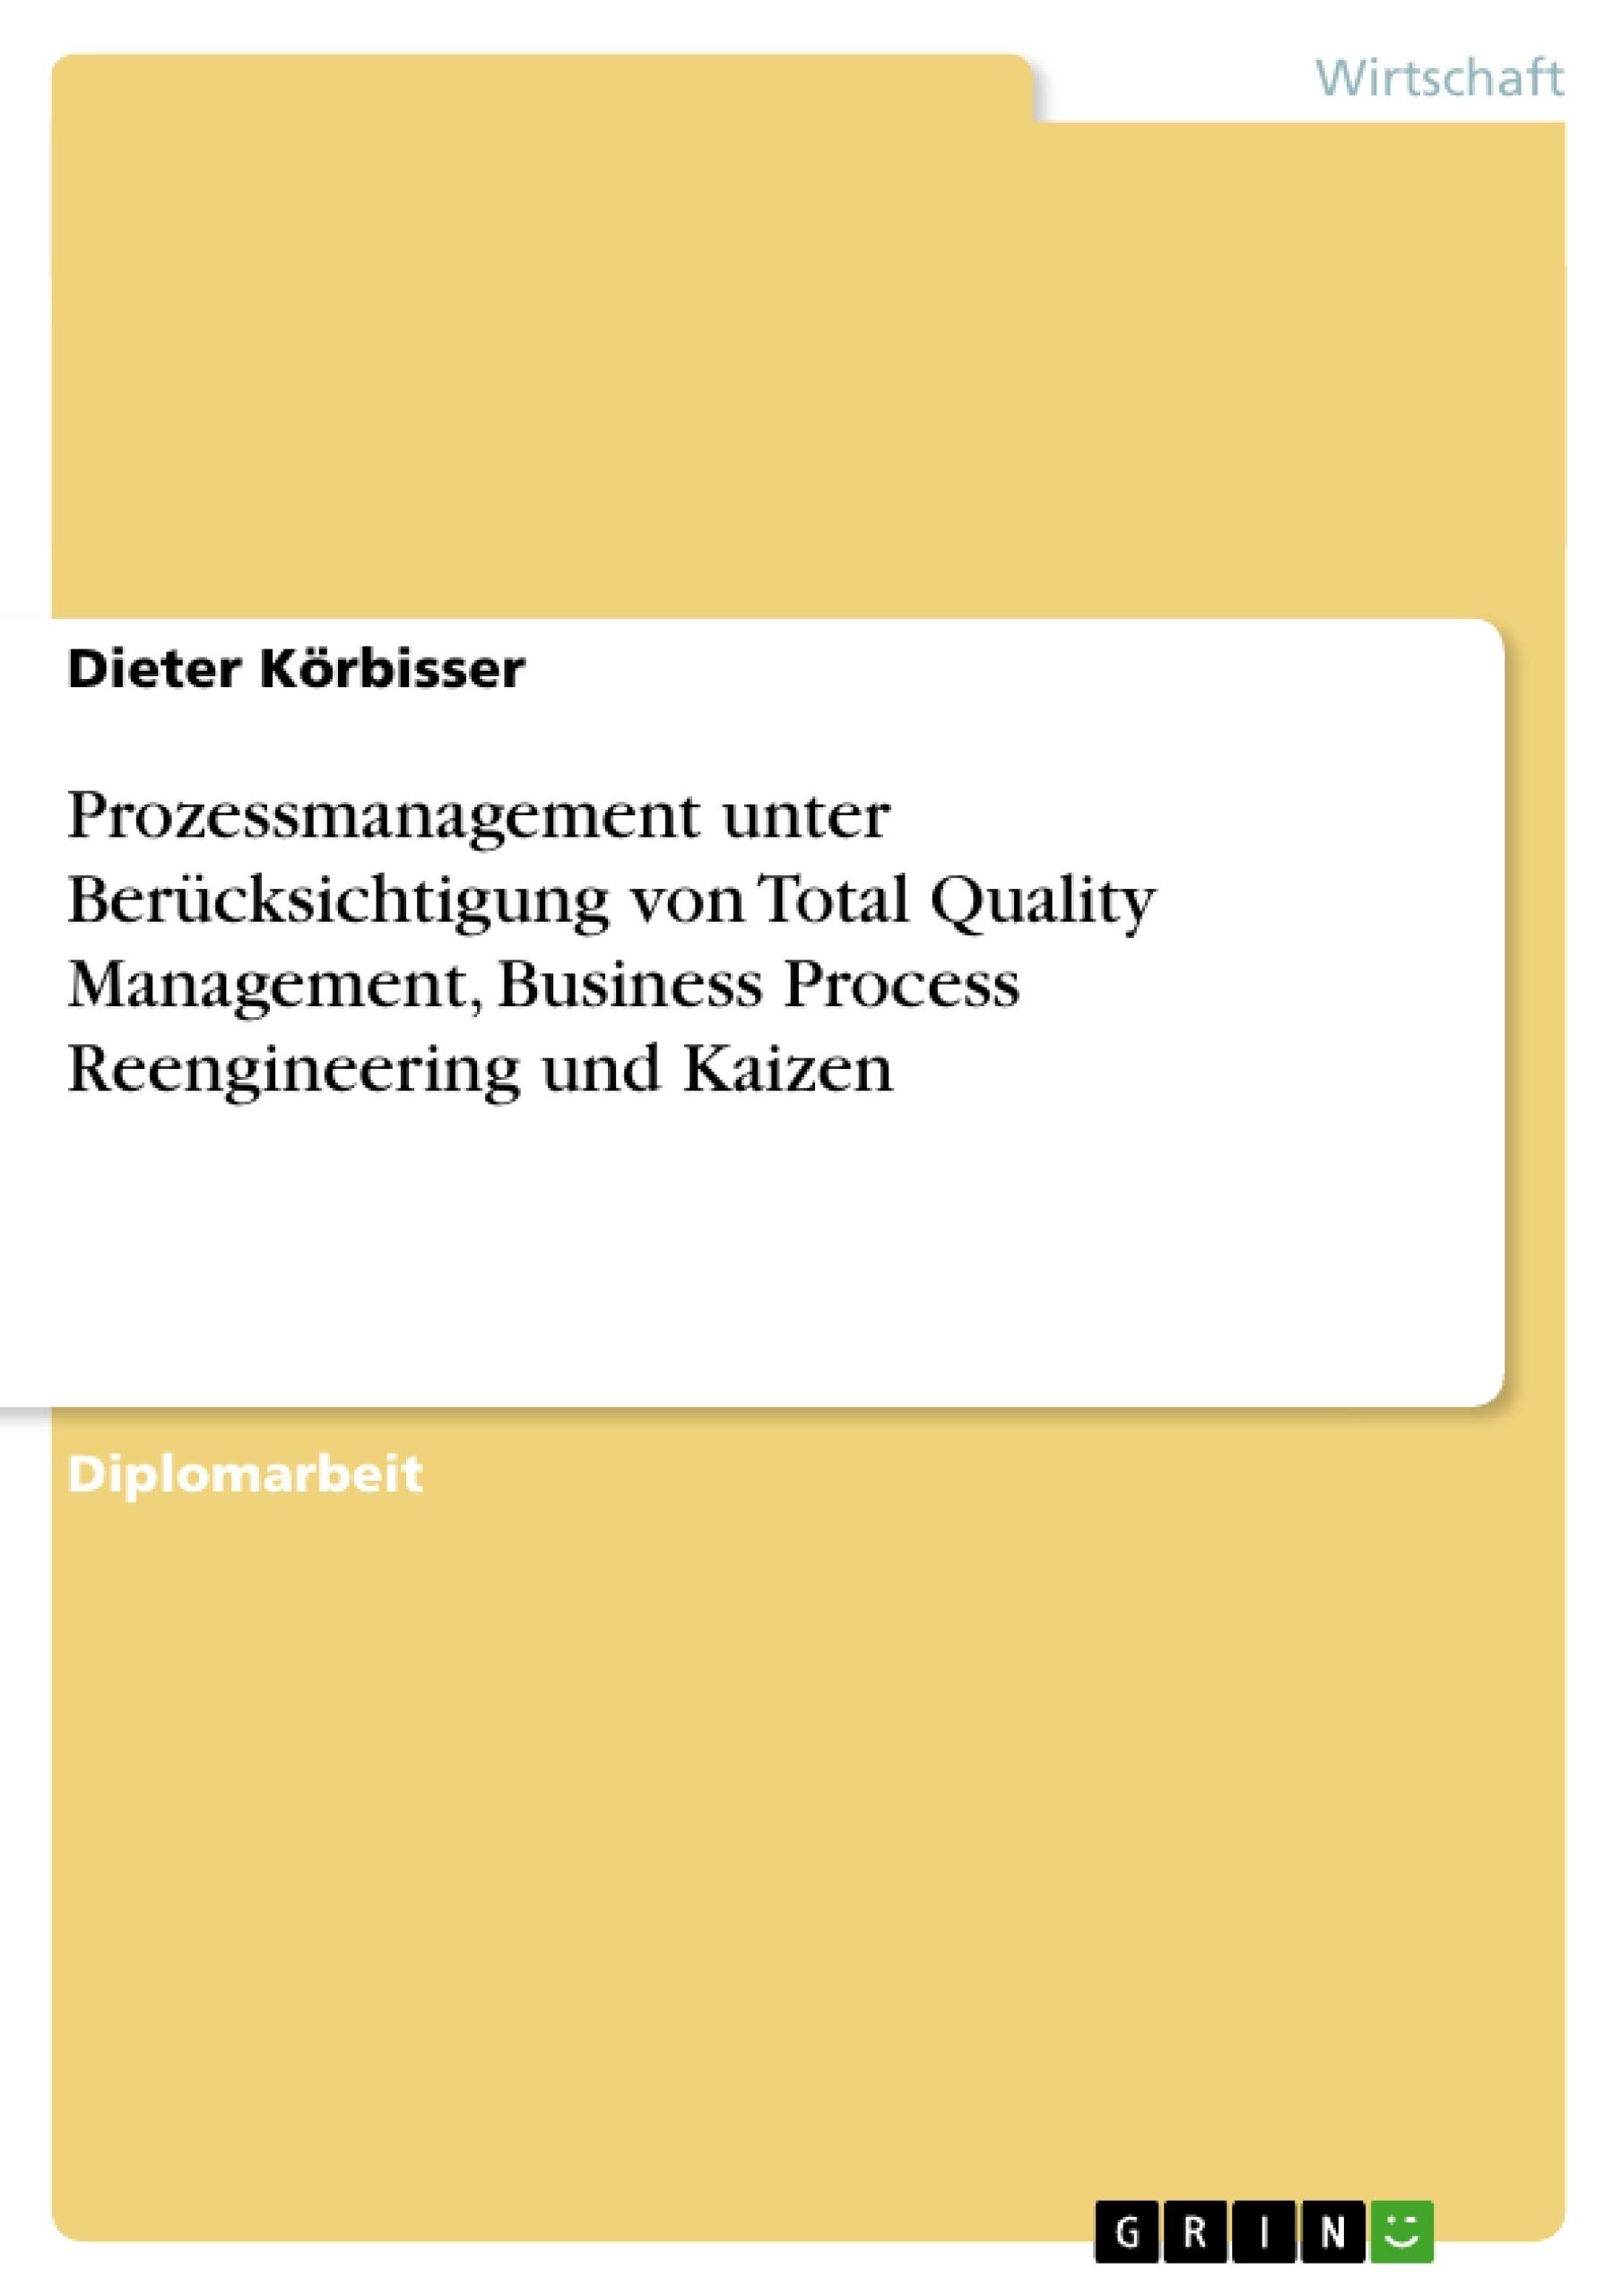 Titel: Prozessmanagement unter Berücksichtigung von Total Quality Management, Business Process Reengineering und Kaizen